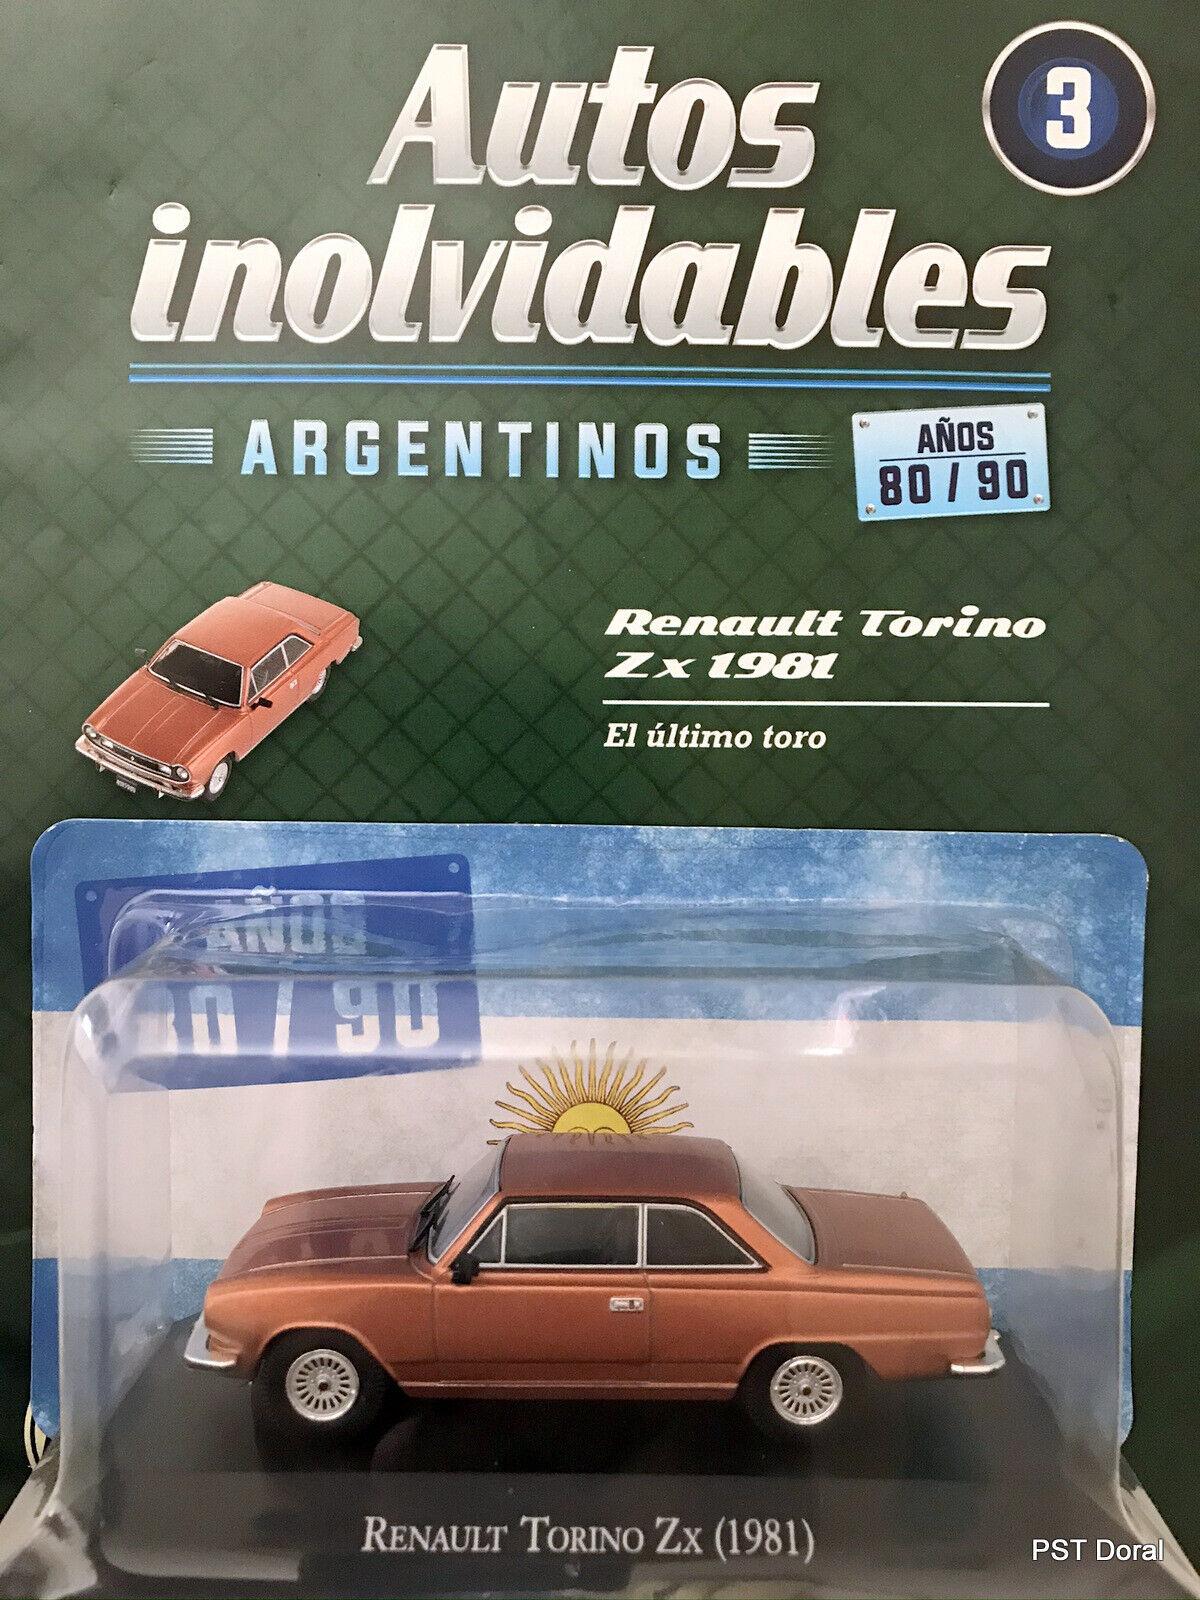 IKA Renault Torino Lutheral Comahue 1978 1//43 OPO 10 AQV13